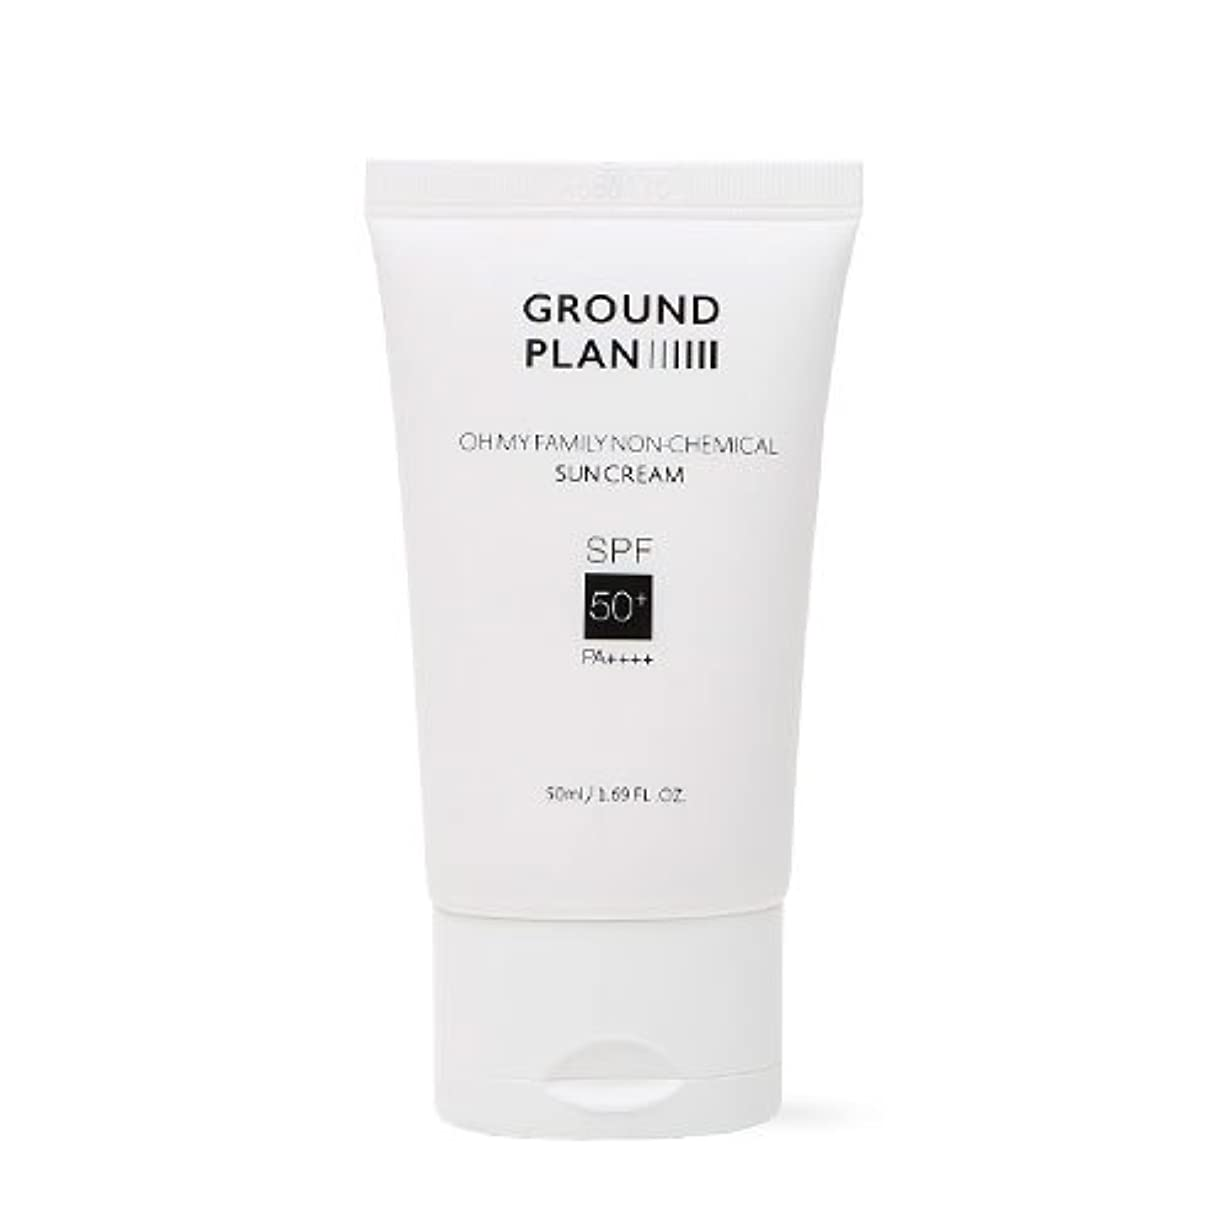 ボクシング特別な机[GROUND PLAN] Oh My Family Non-Chemical Sun Cream 50ml グラウンドプランファミリーノンケミカルサンクリーム [並行輸入品]